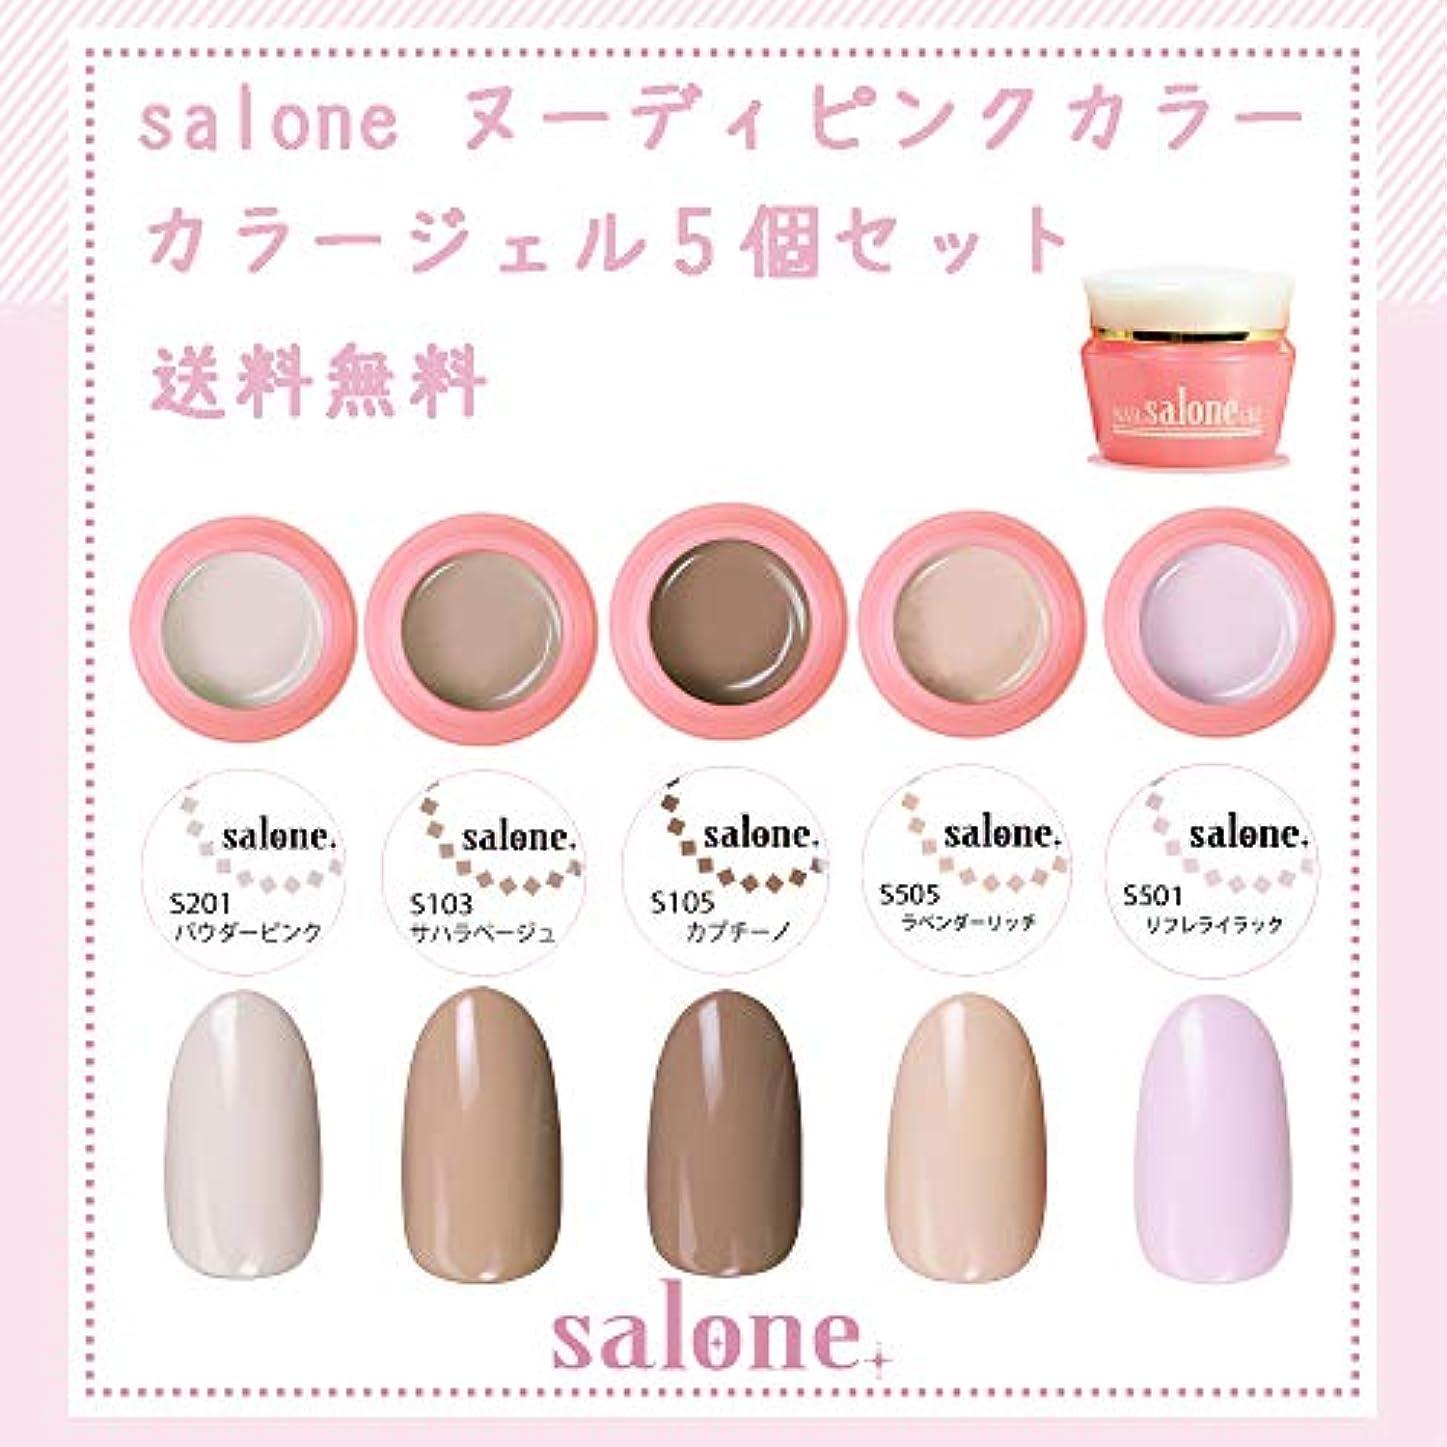 信者アレルギー性効率的【送料無料 日本製】Salone ヌーディピンク カラージェル5個セット サロンで人気のピンクベースの肌馴染みの良い上品なヌーディカラー